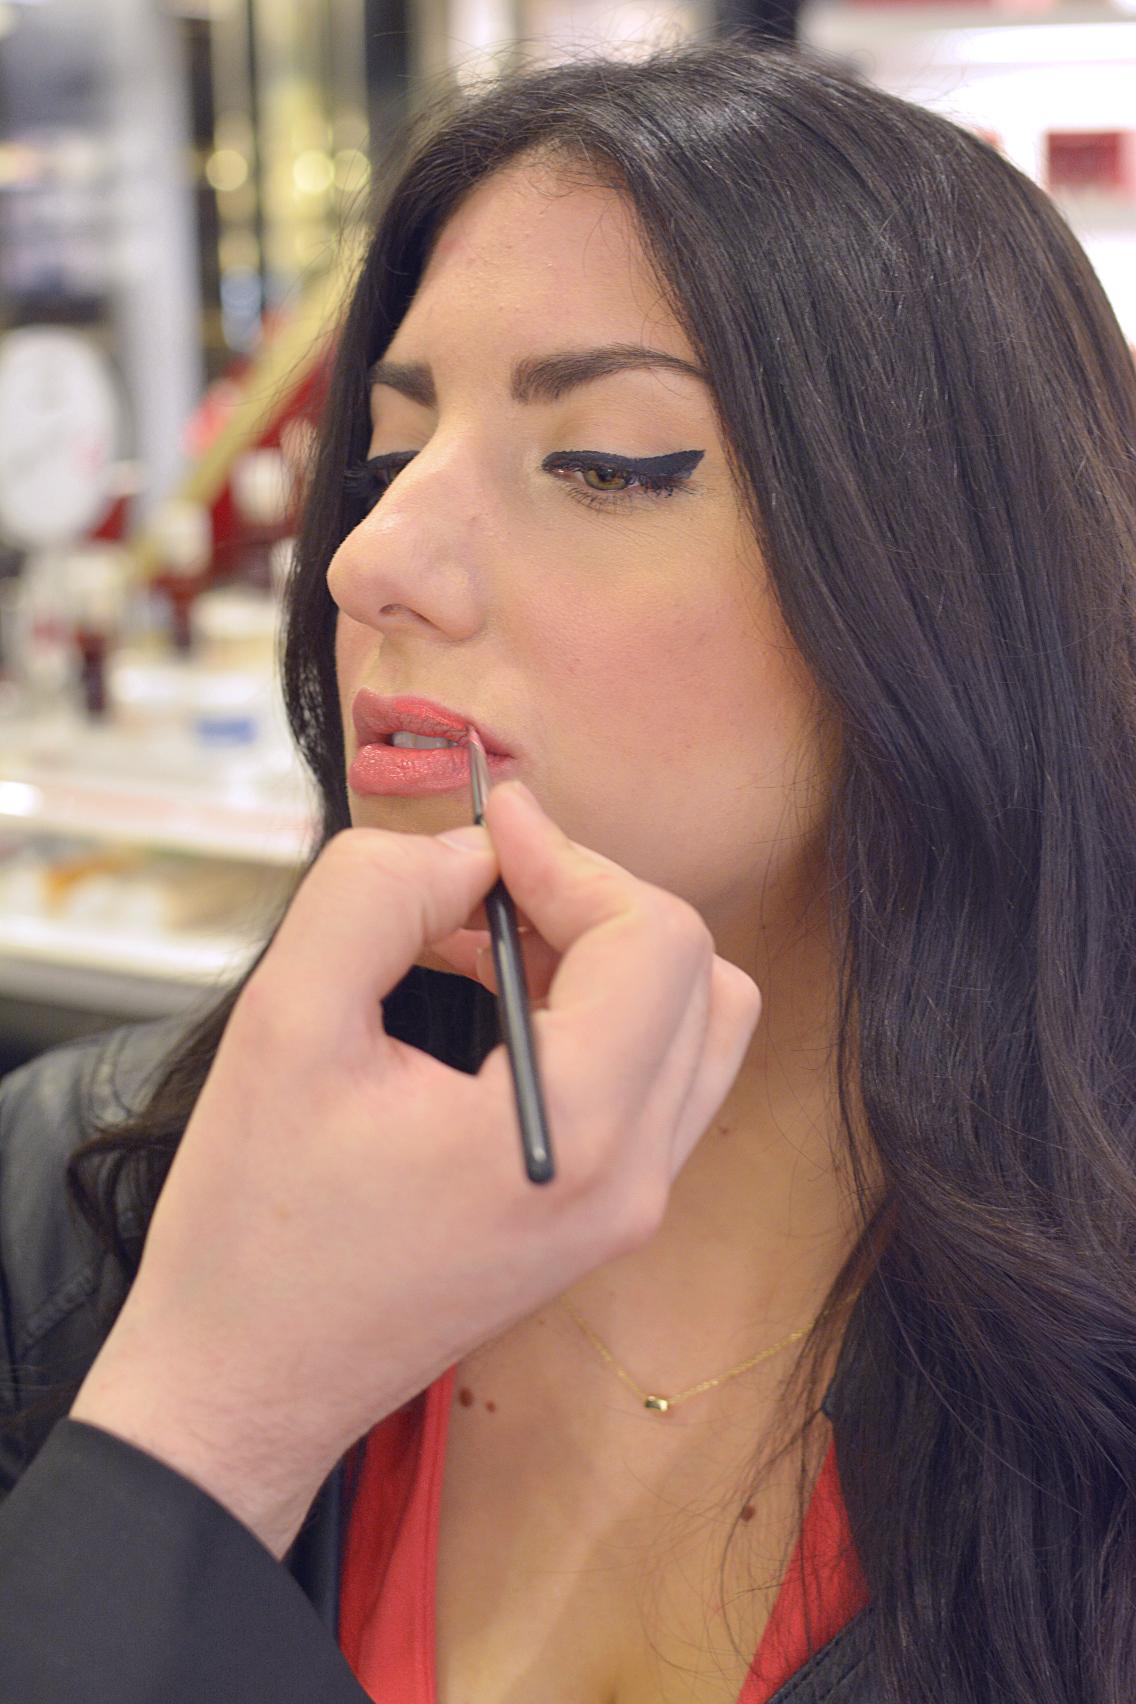 Giorgio Armani Beauty Chicago 7